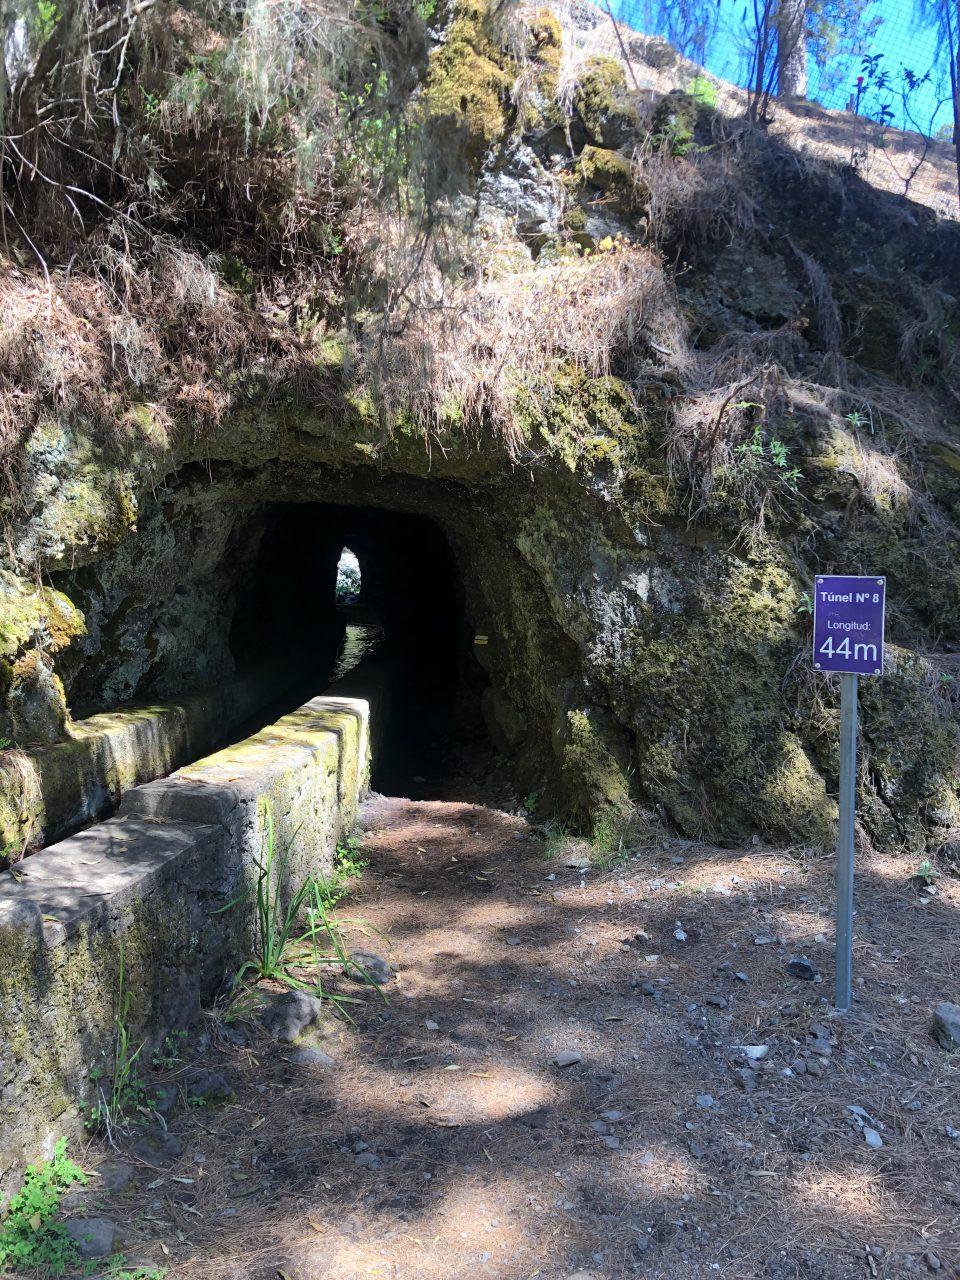 Ruta Marcos y Cordero - Tunel 8